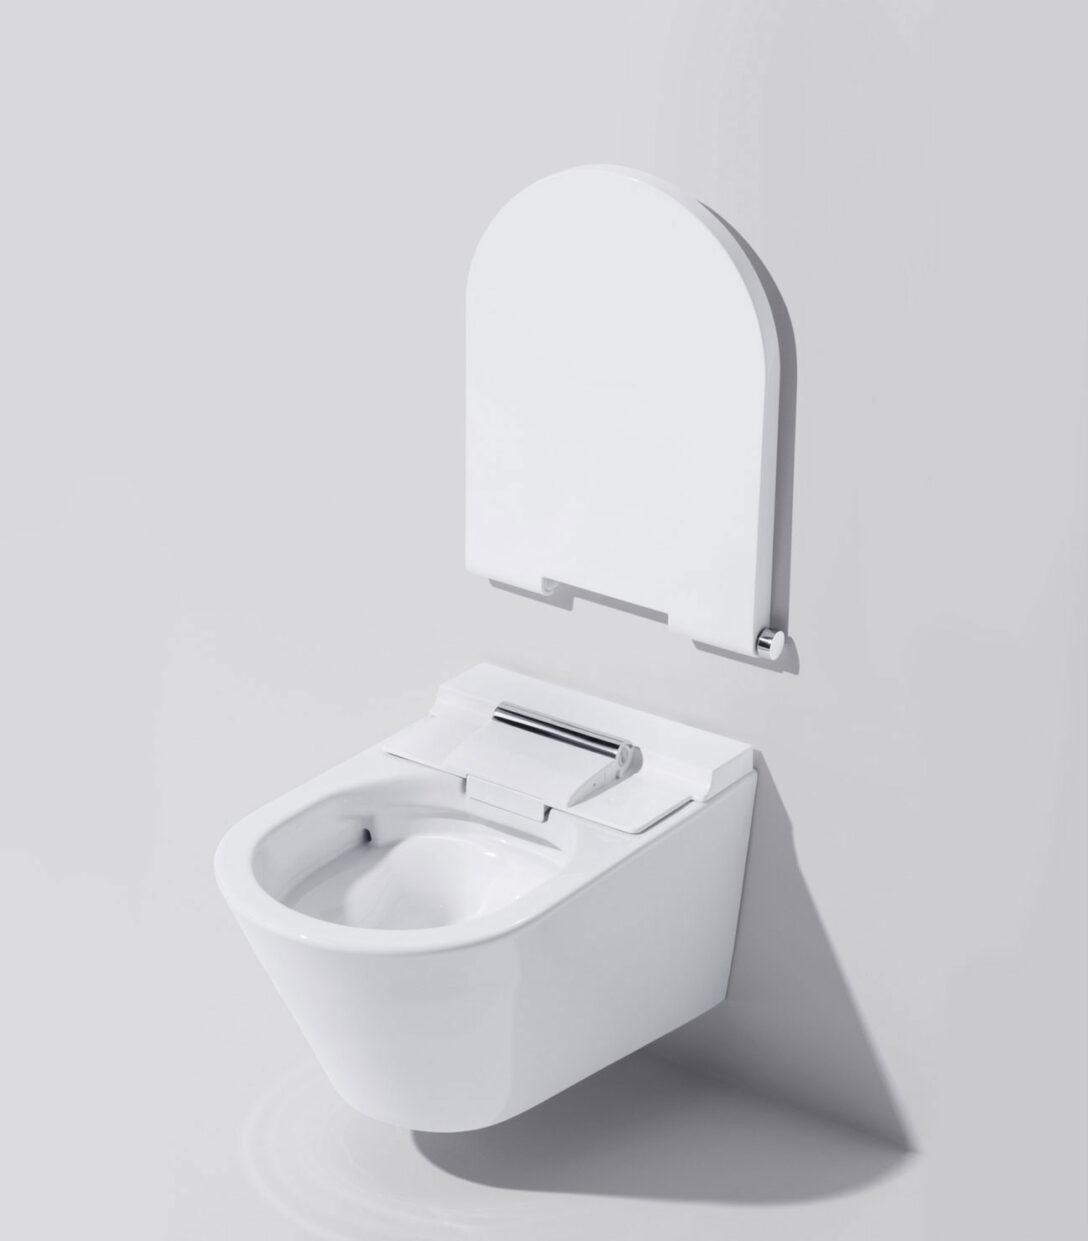 Large Size of Dusch Wc Testsieger 2019 Dusch Wc Sitz Geberit Aquaclean 4000 Weiss Ch Modell Activ Wash Oder Duravit Test Toto Preisvergleich Preise Aufsatz Vergleich Dusche Dusch Wc